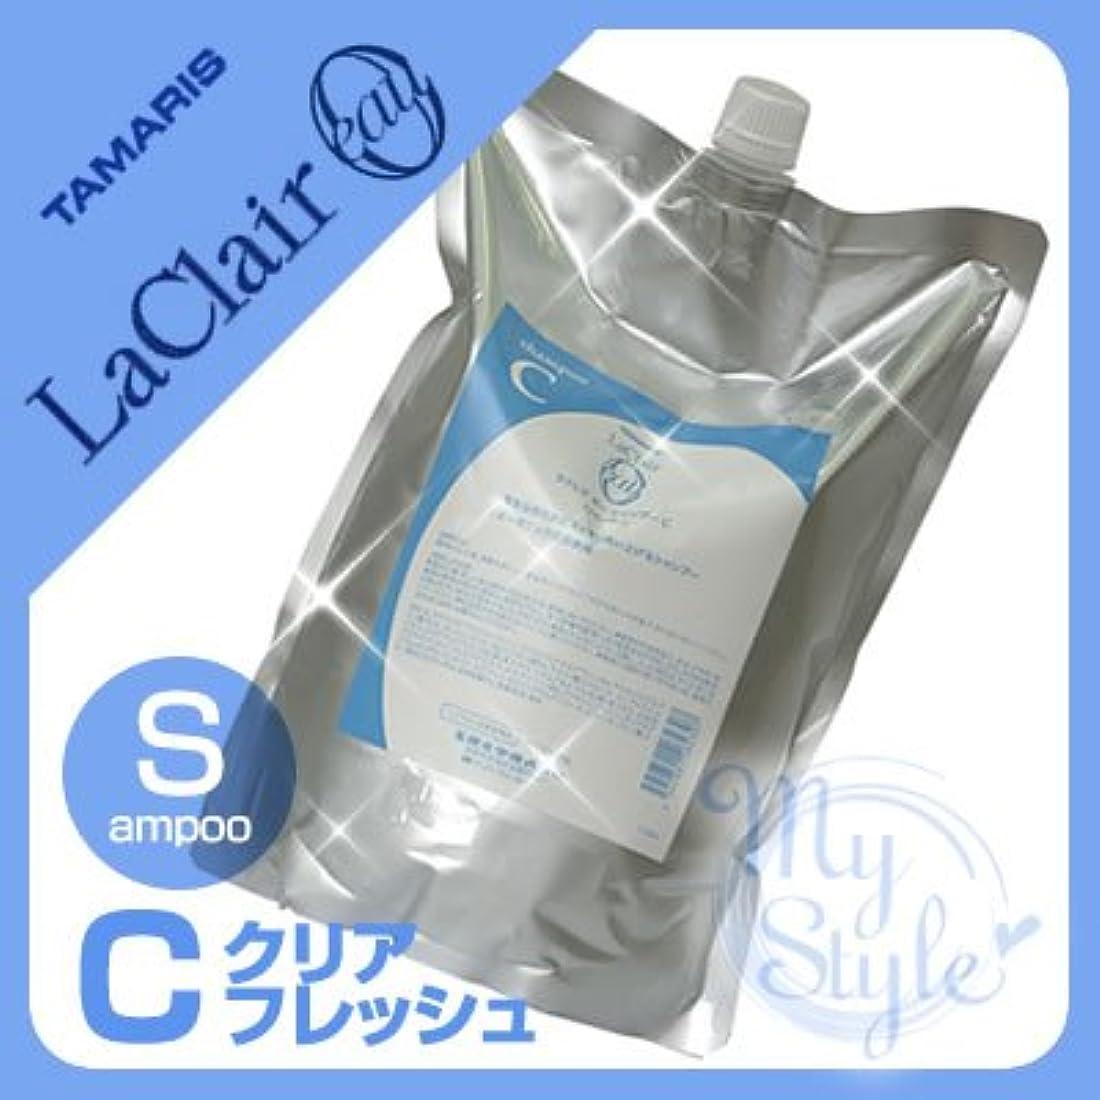 予報リーガンリングバックタマリス ラクレア オー クリアフレッシュ シャンプーC <2000mL>詰め替えTAMARIS LaClair eau